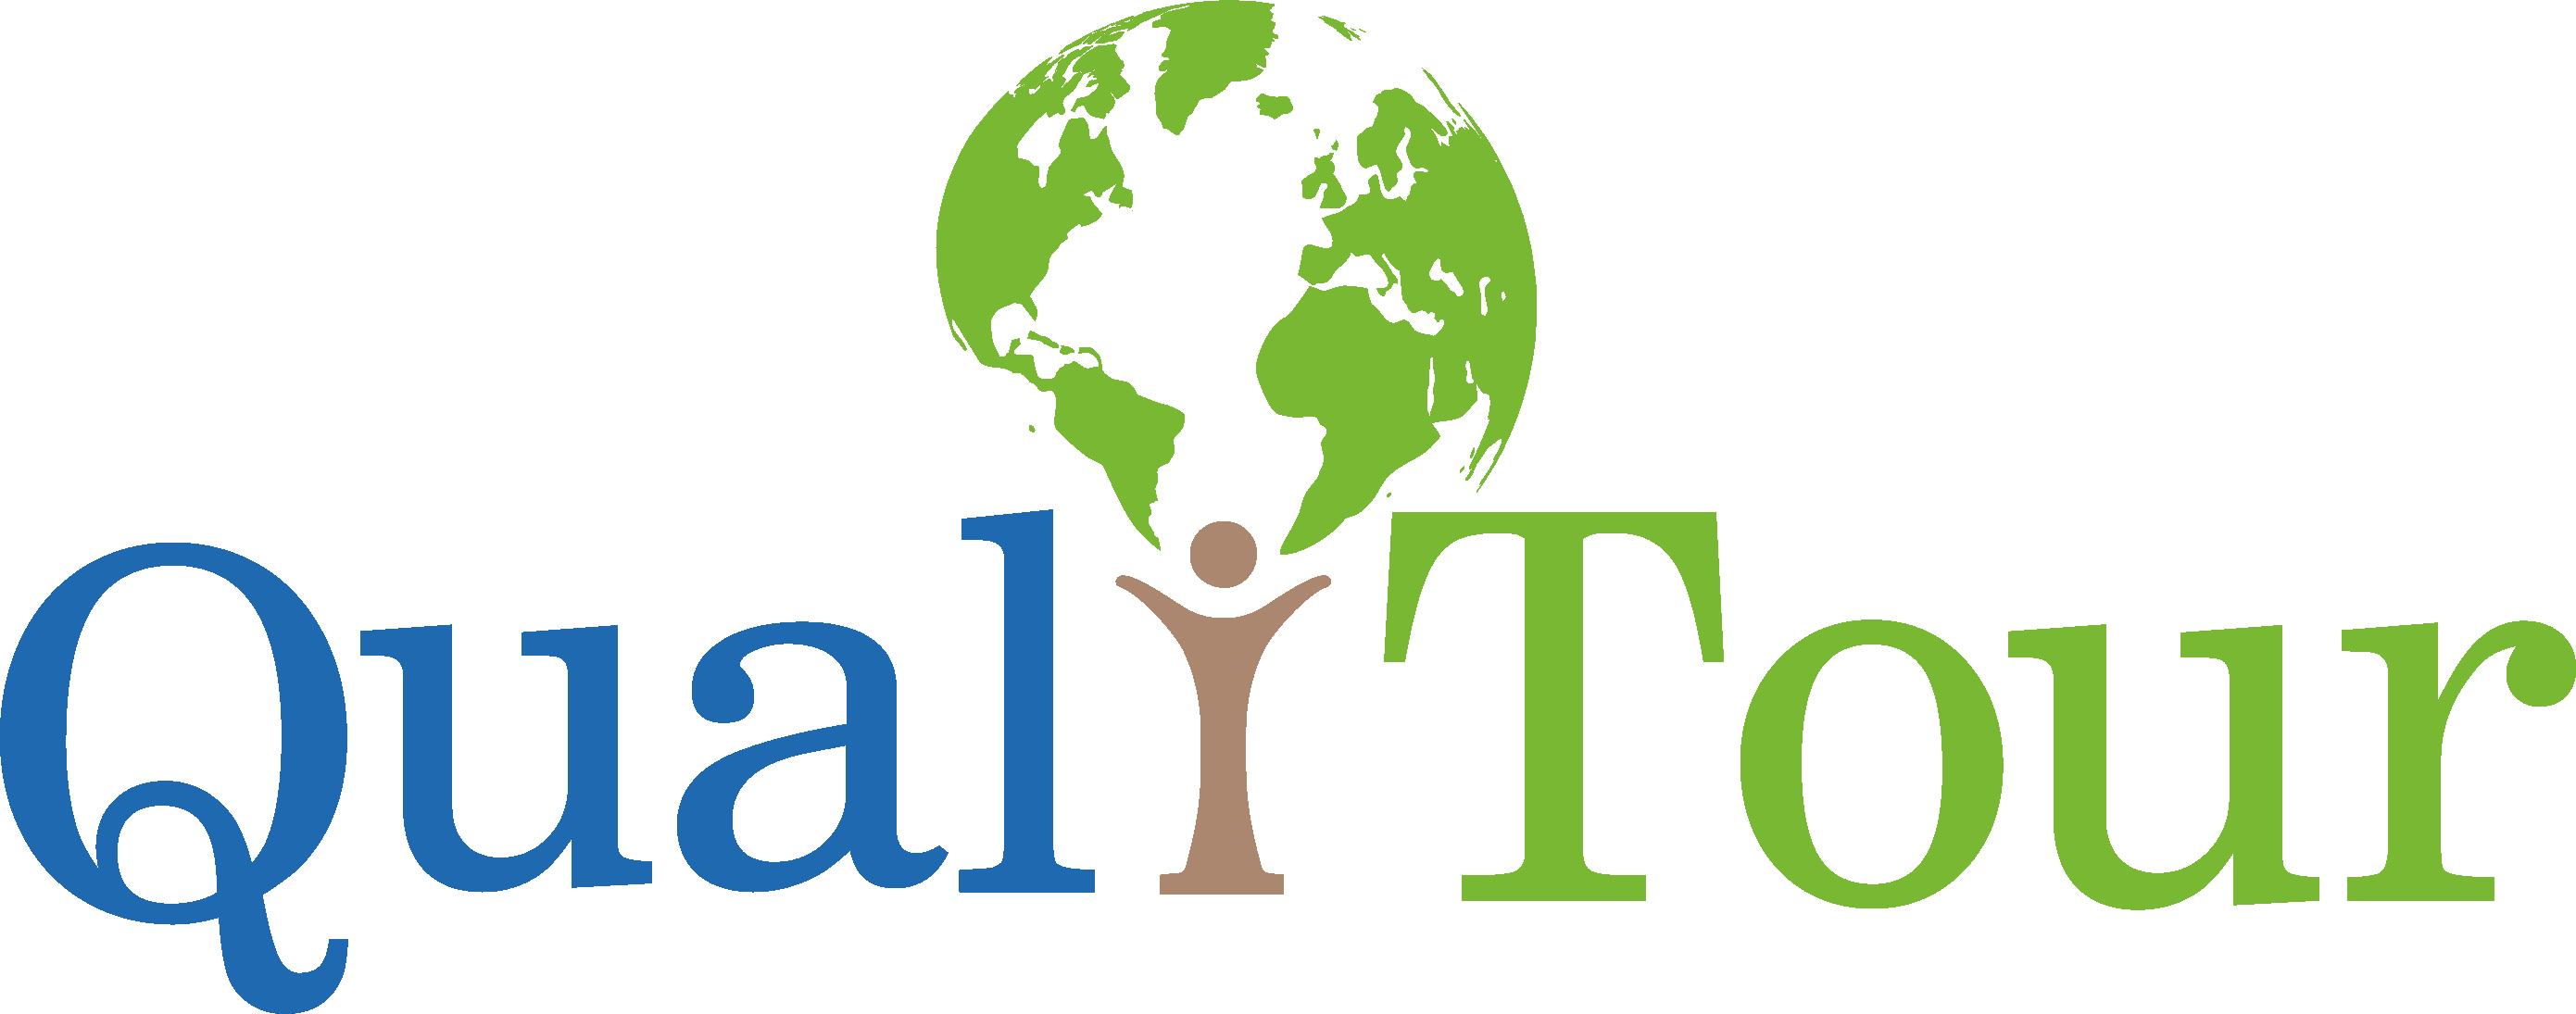 QualiTour EU Project Logo